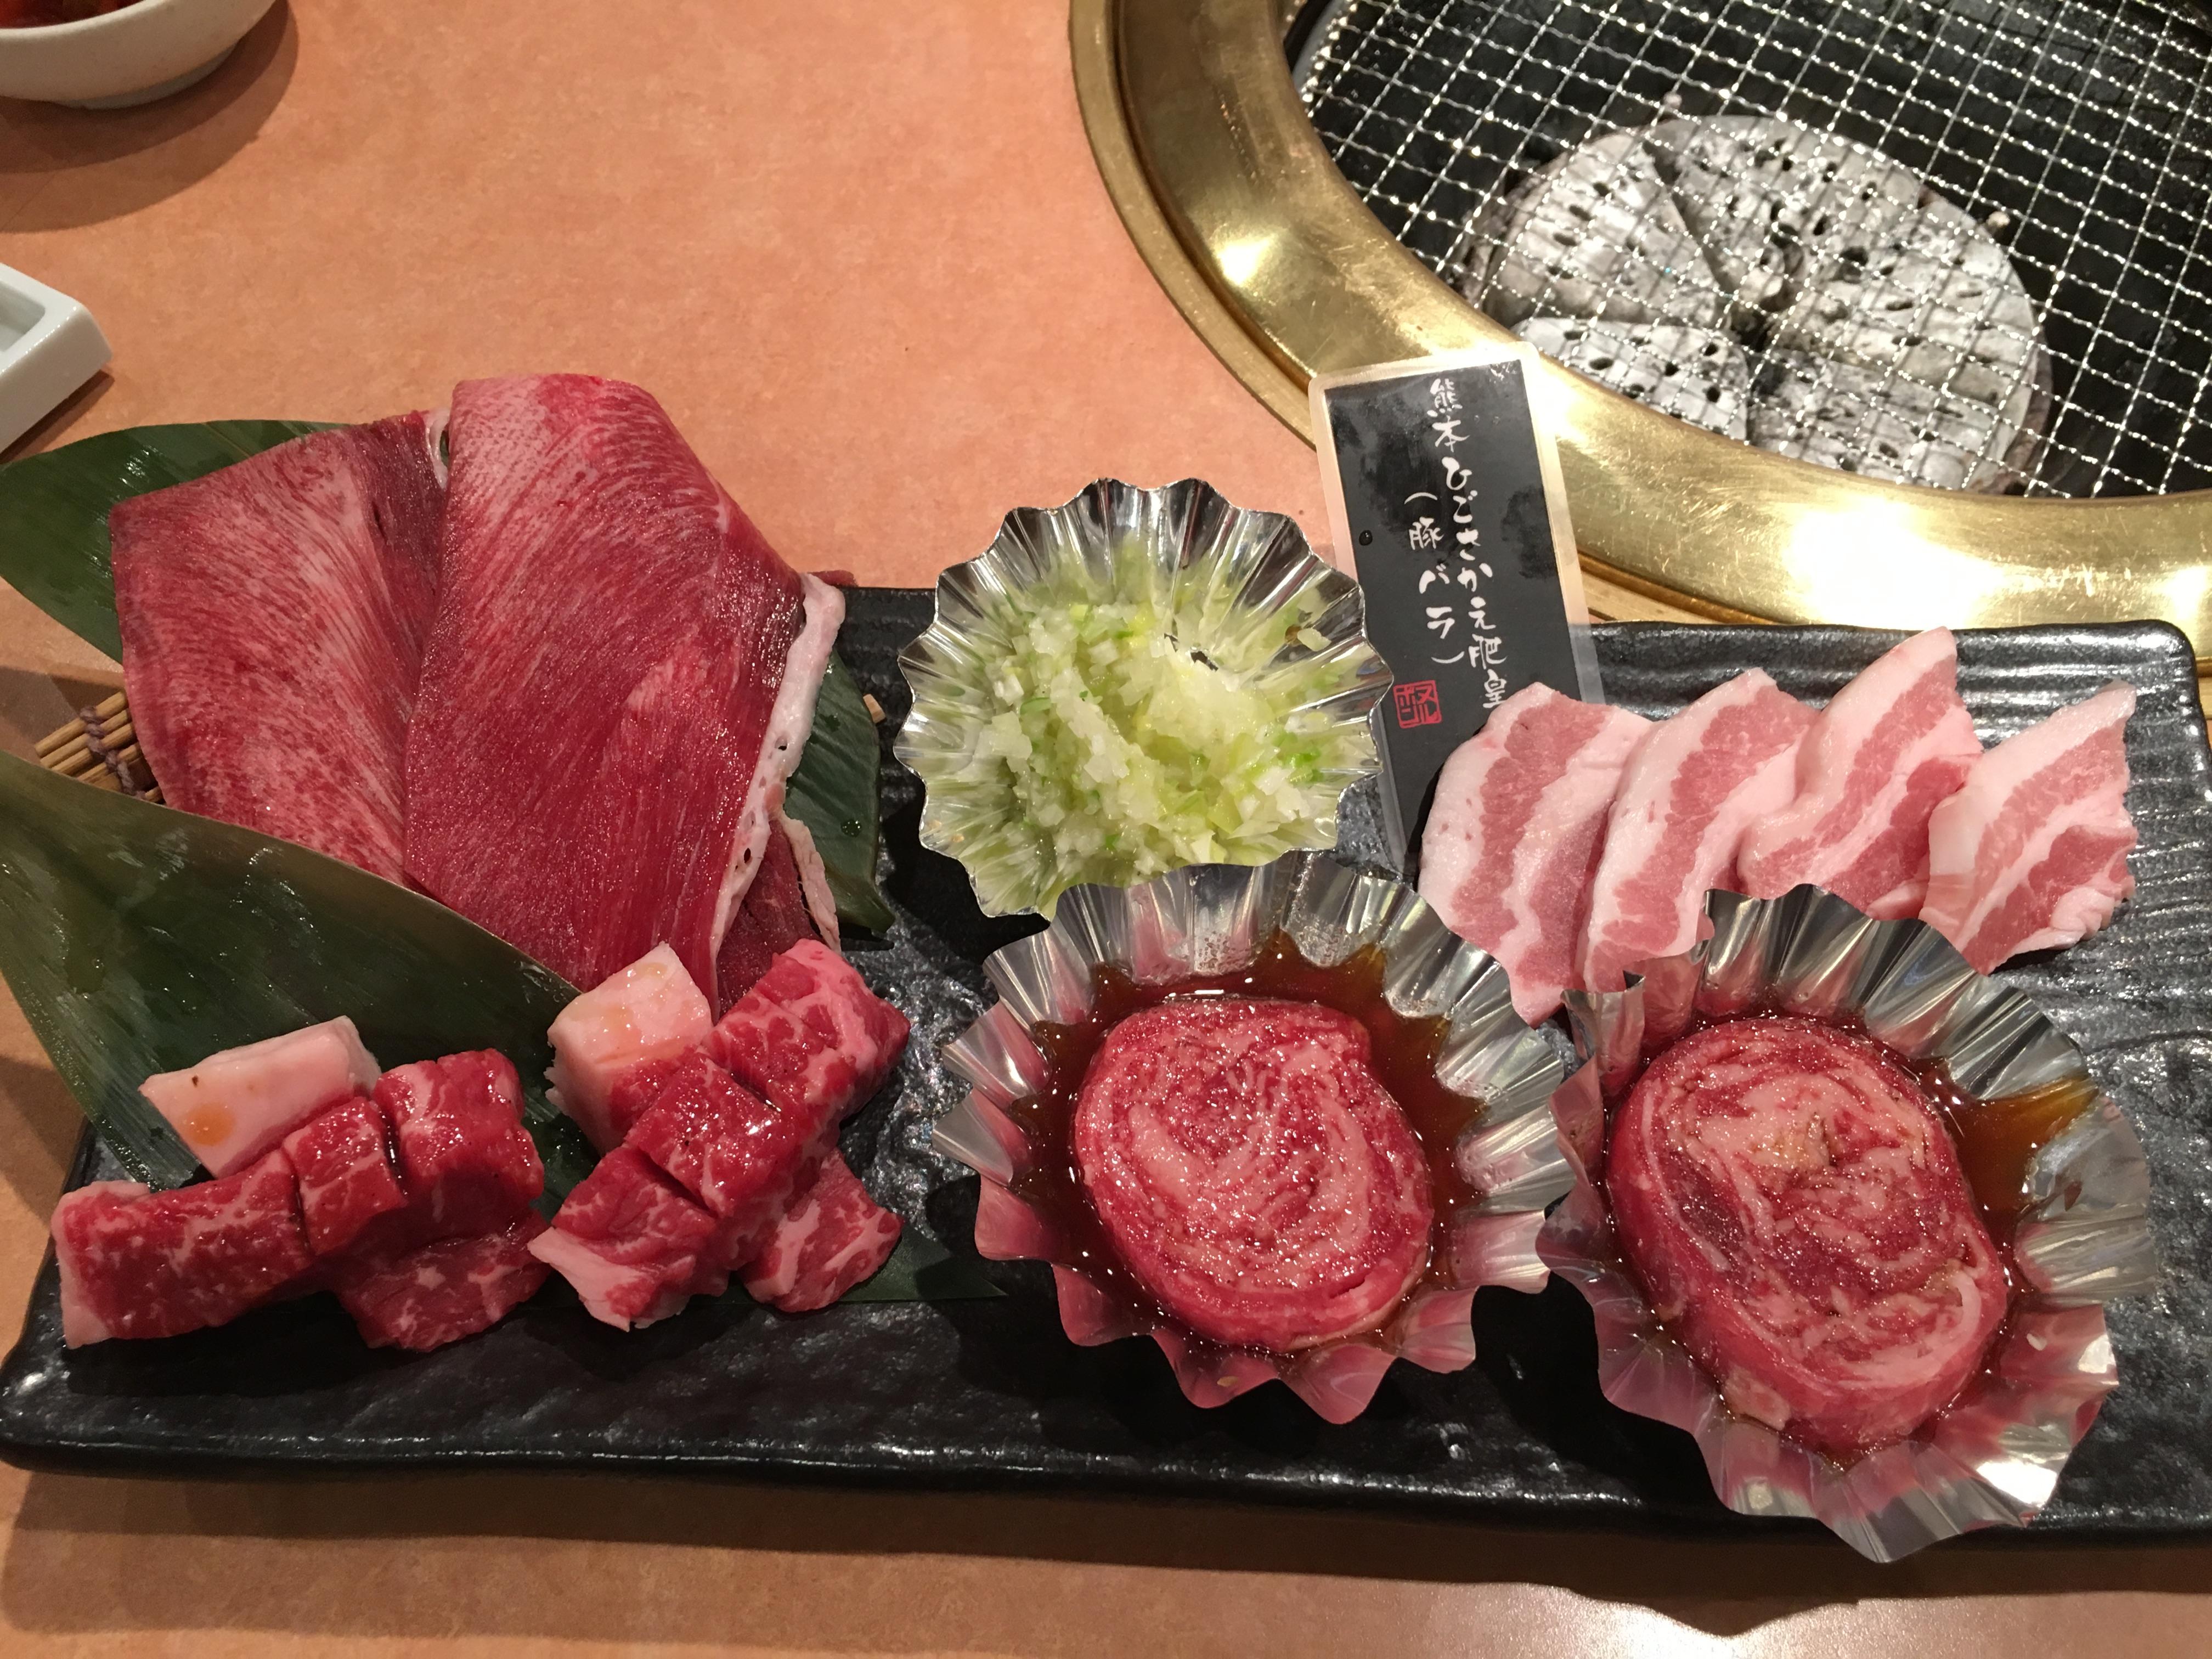 【ヌルボンガーデン】焼肉食べ放題2580円~!お腹いっぱいお肉を満喫